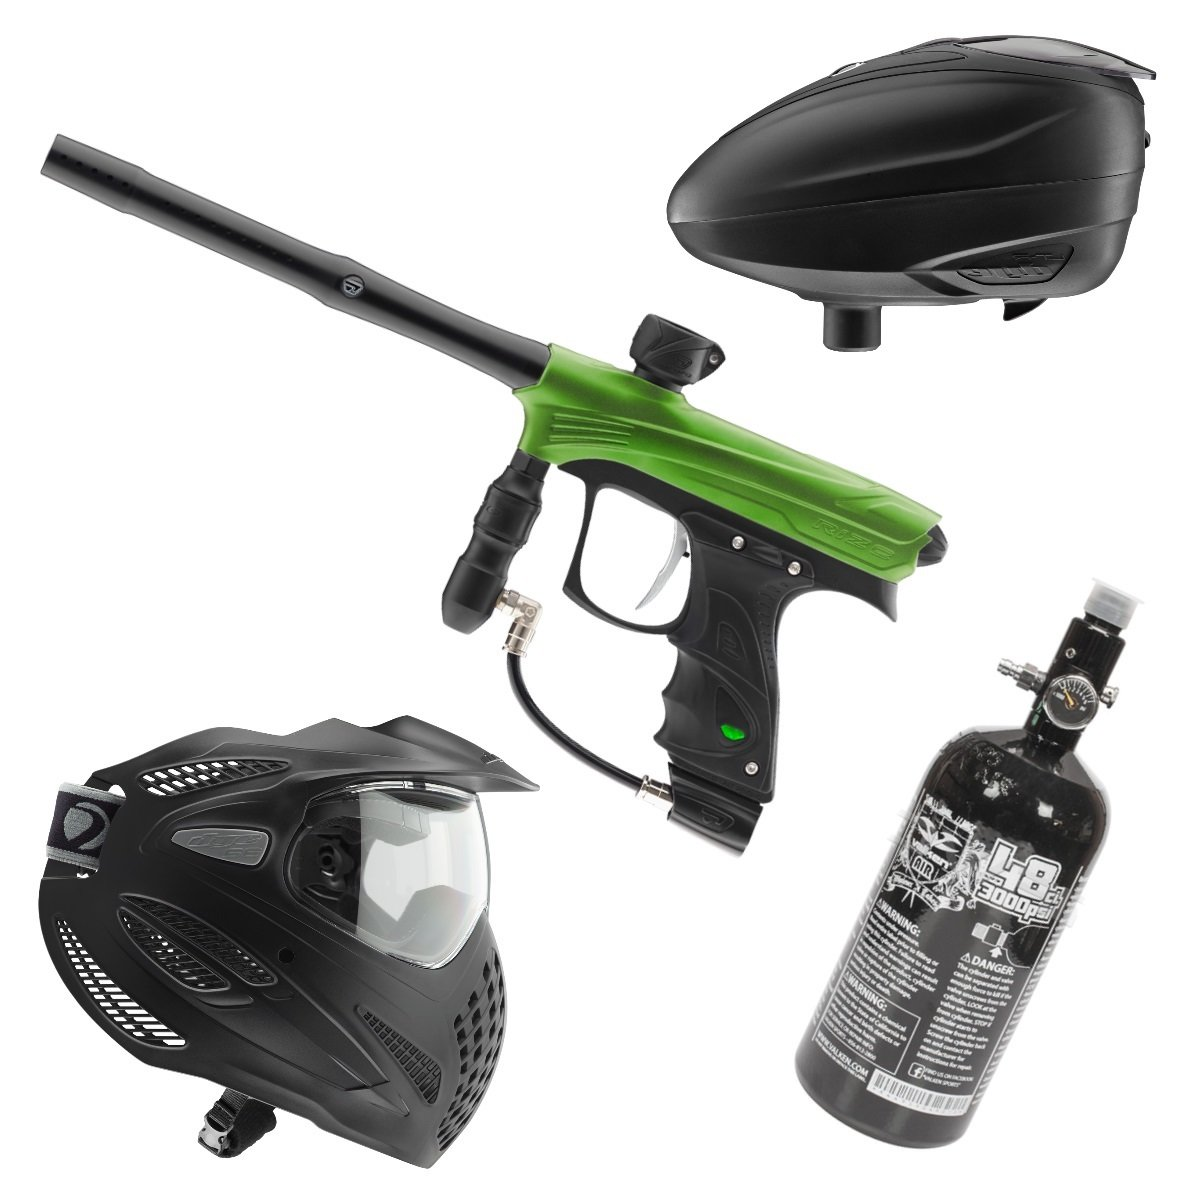 Marker Package - Dye Rize Marker - Lime Dust / Dye LT-R Black / Dye Se Goggle Single / Valken 48cu 3000 psi Air Tank